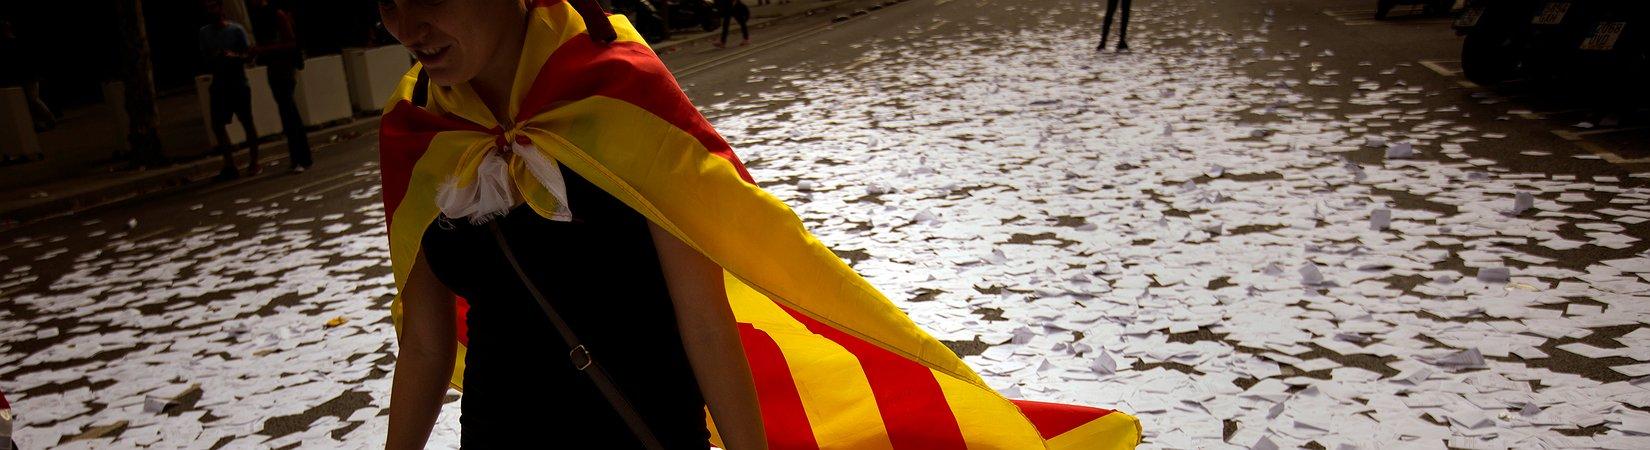 Peor que el Brexit: ¿Qué precio tendría que pagar Cataluña por la independencia?